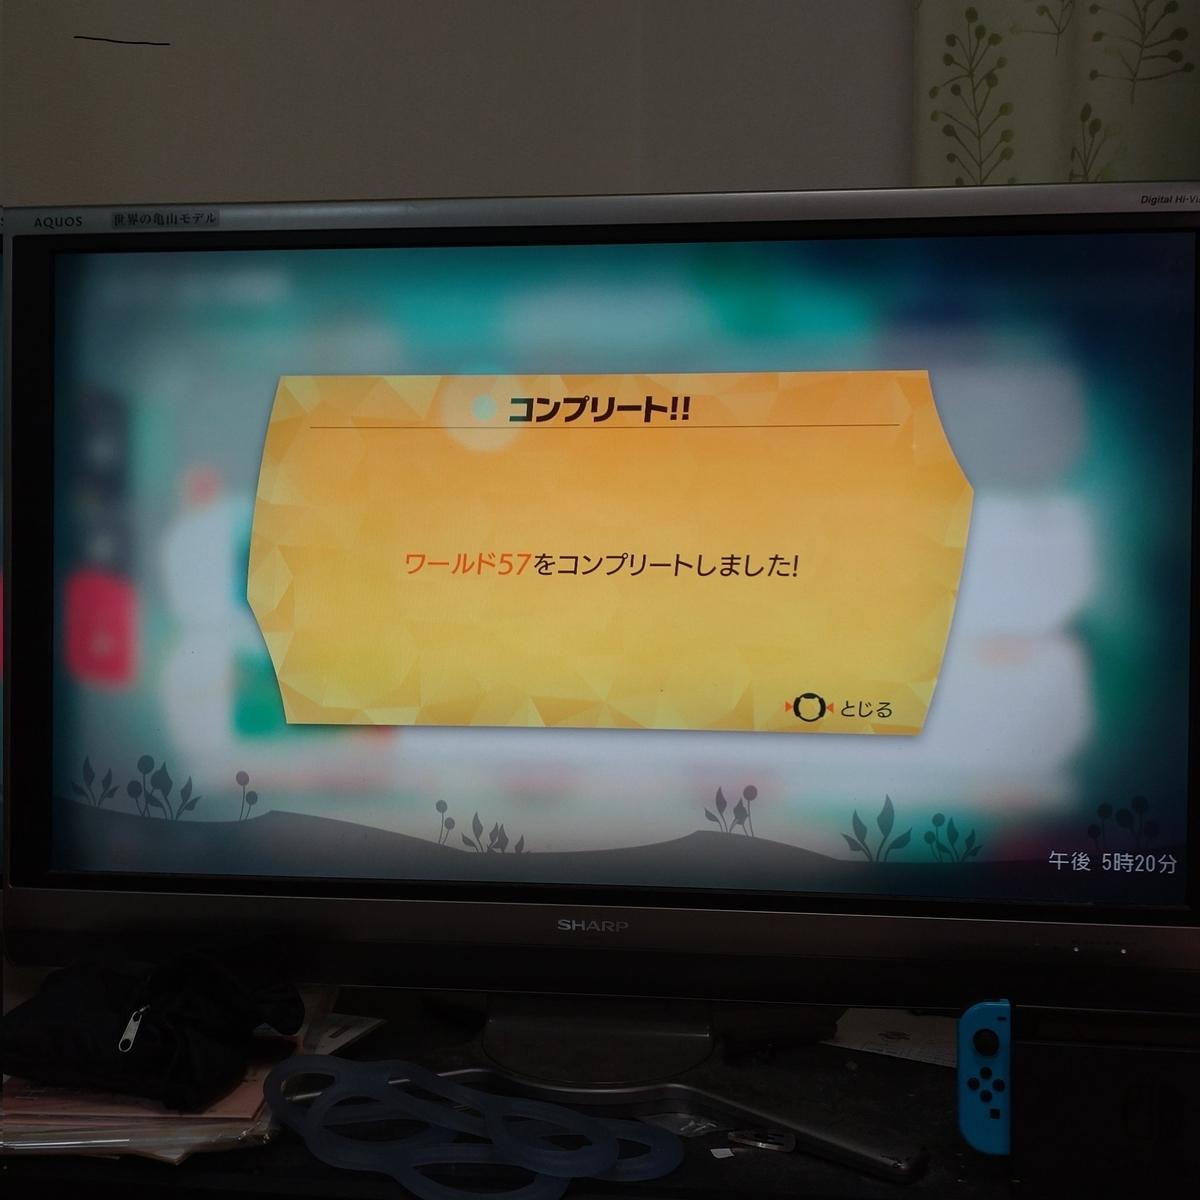 f:id:kintoreokan:20210809001112j:plain